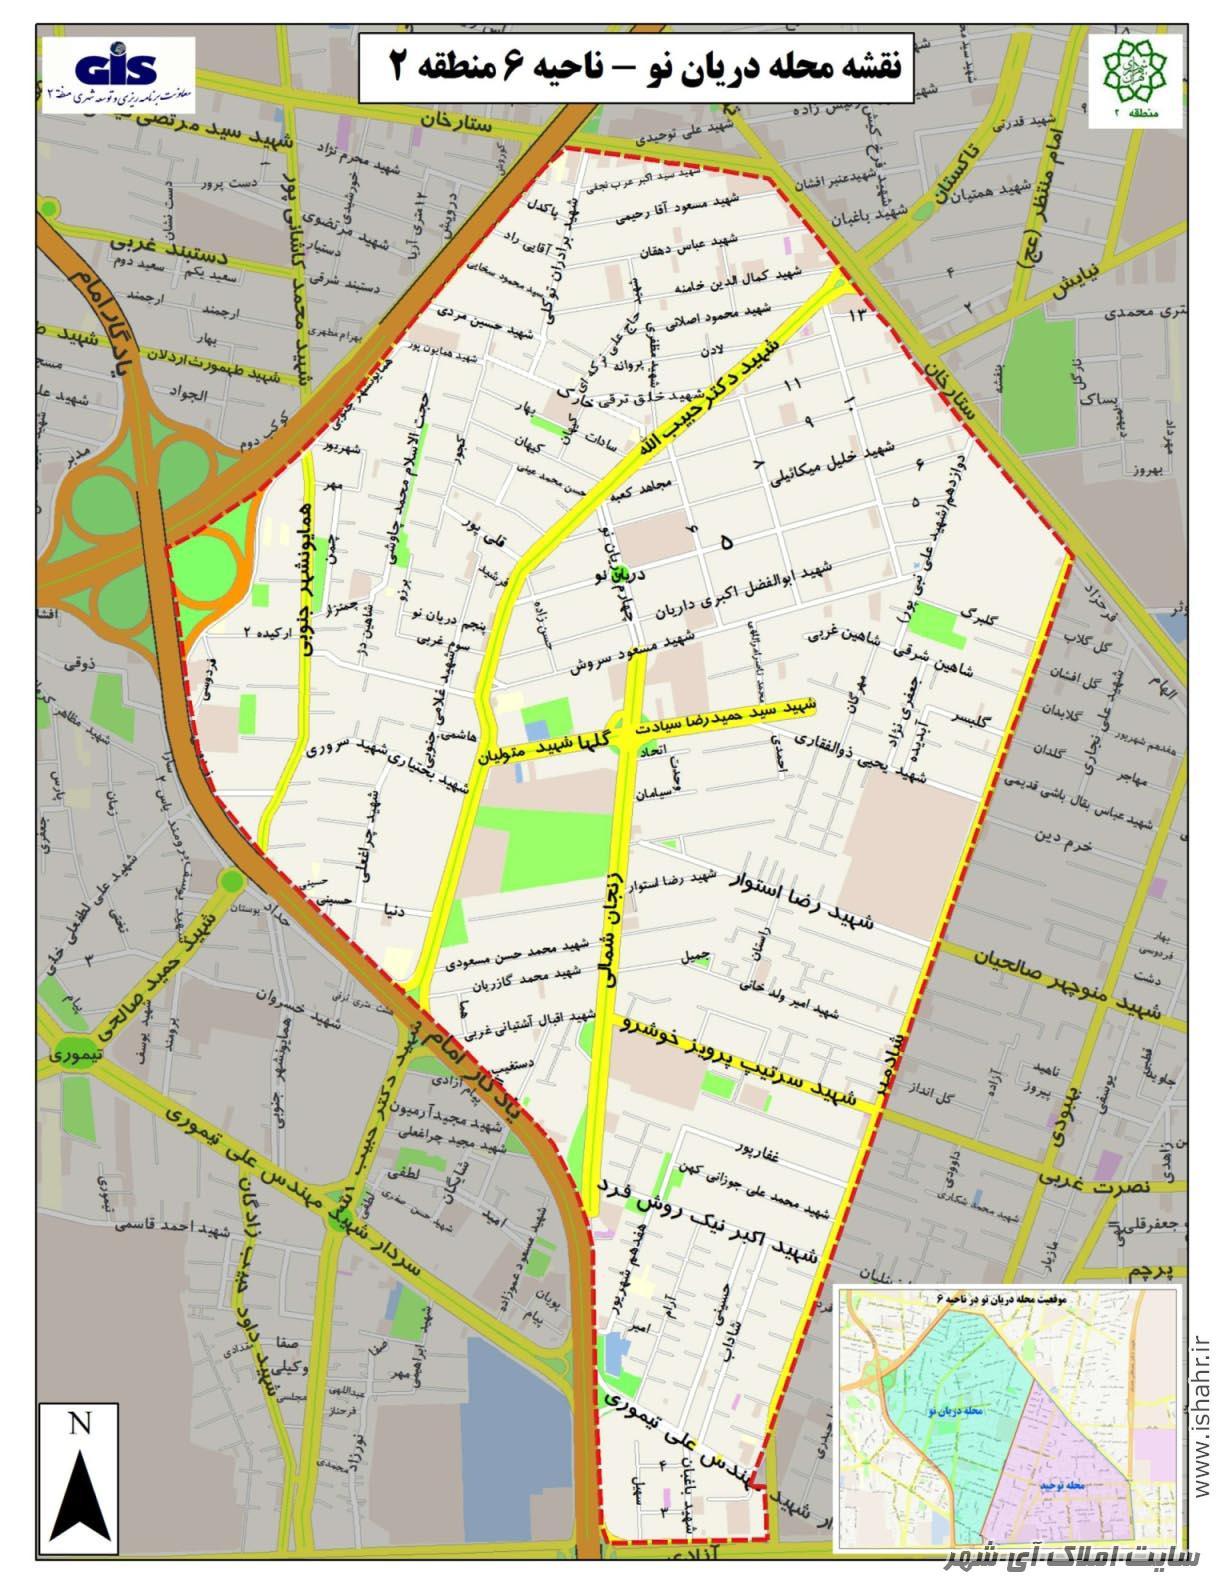 نقشه محله دریان نو   دریانو کجاست؟